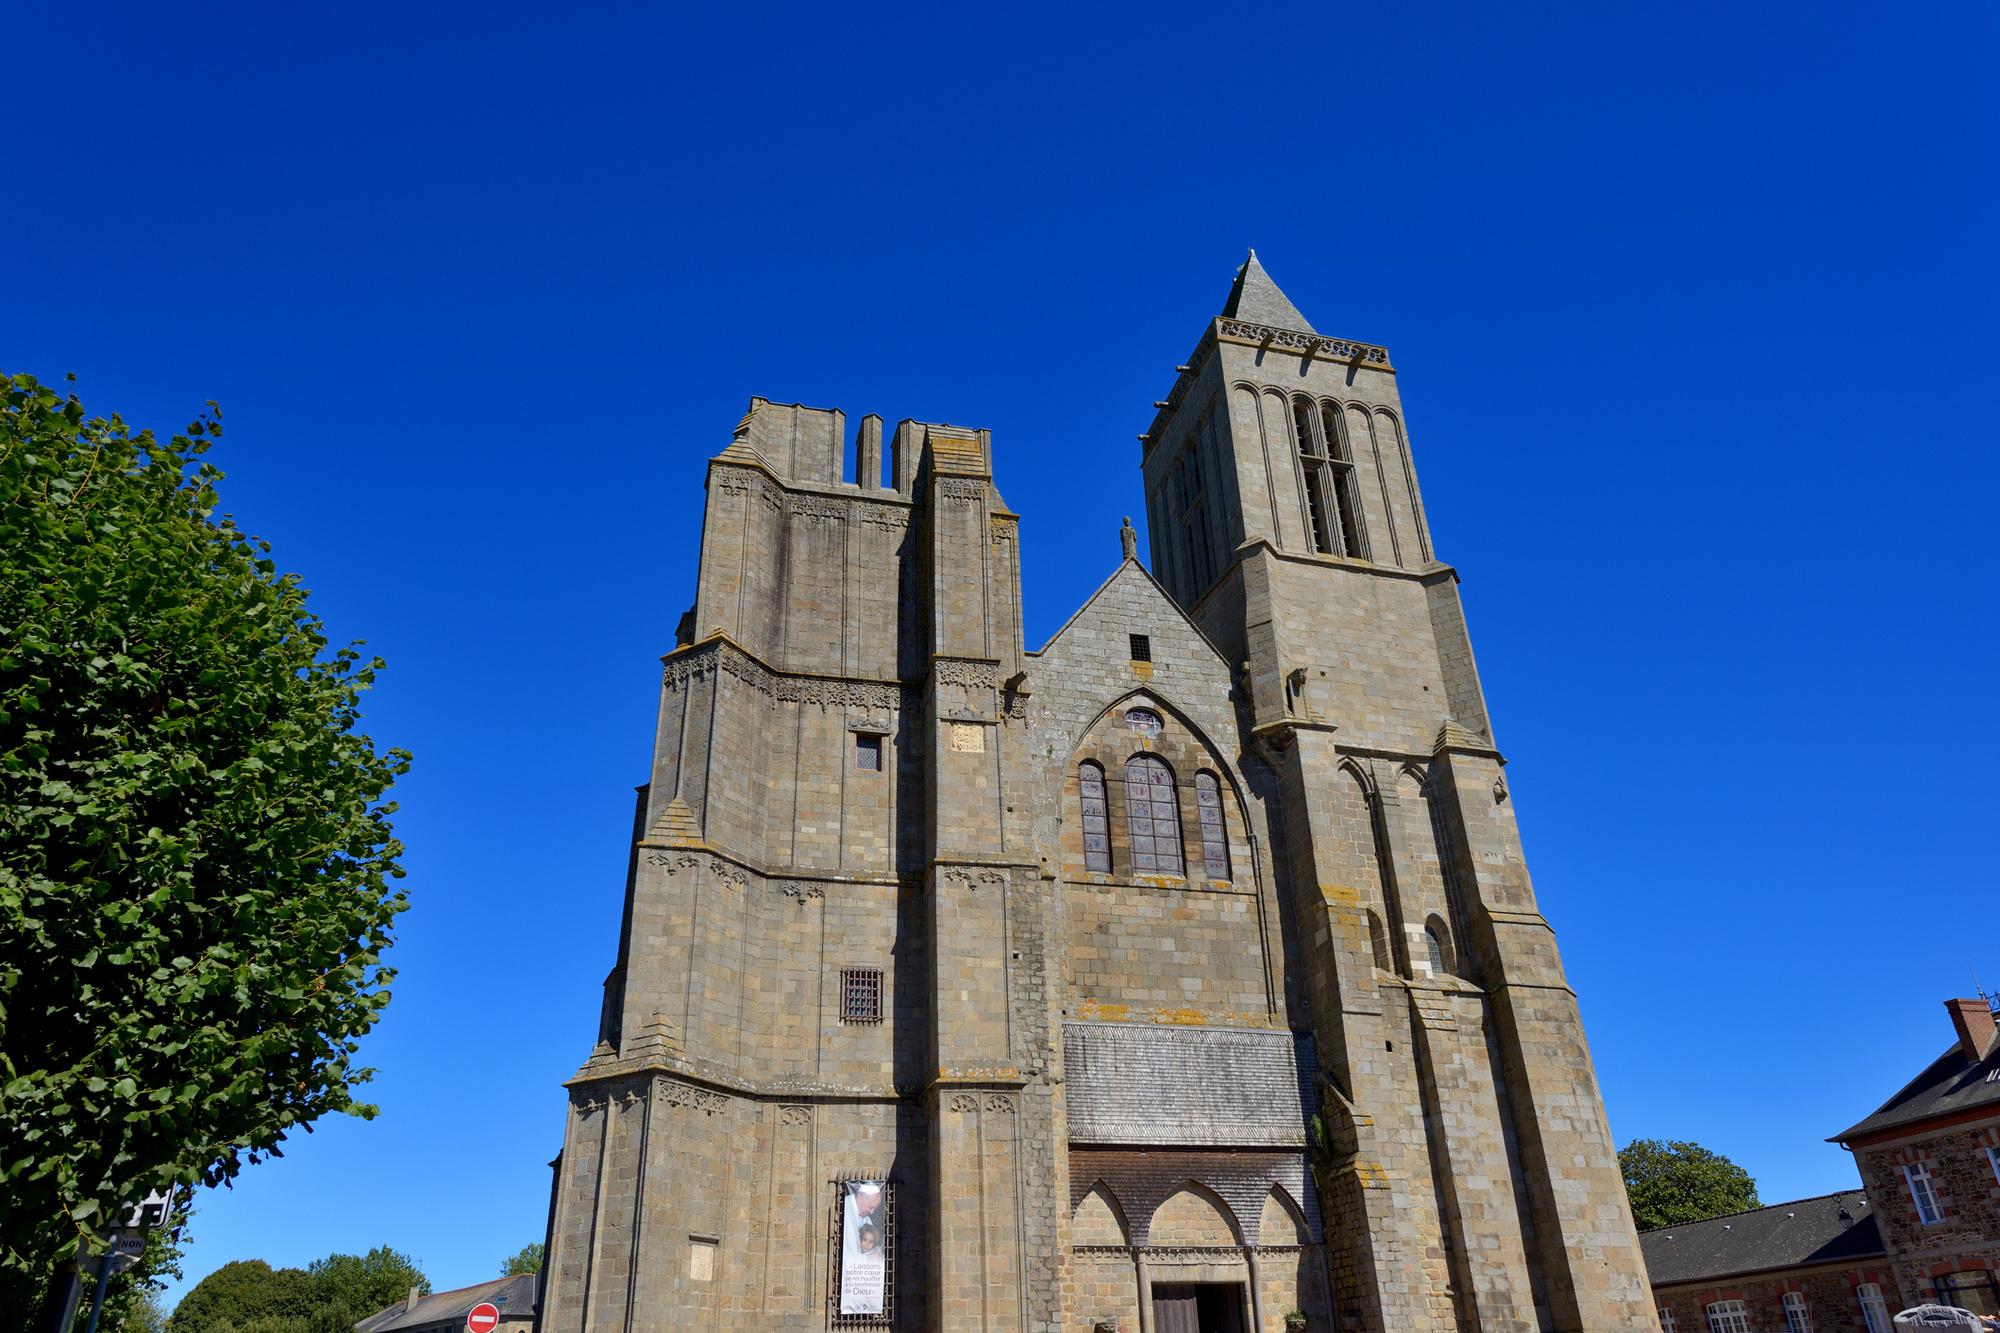 De kathedraal van Dol-de-Bretagne., Getty